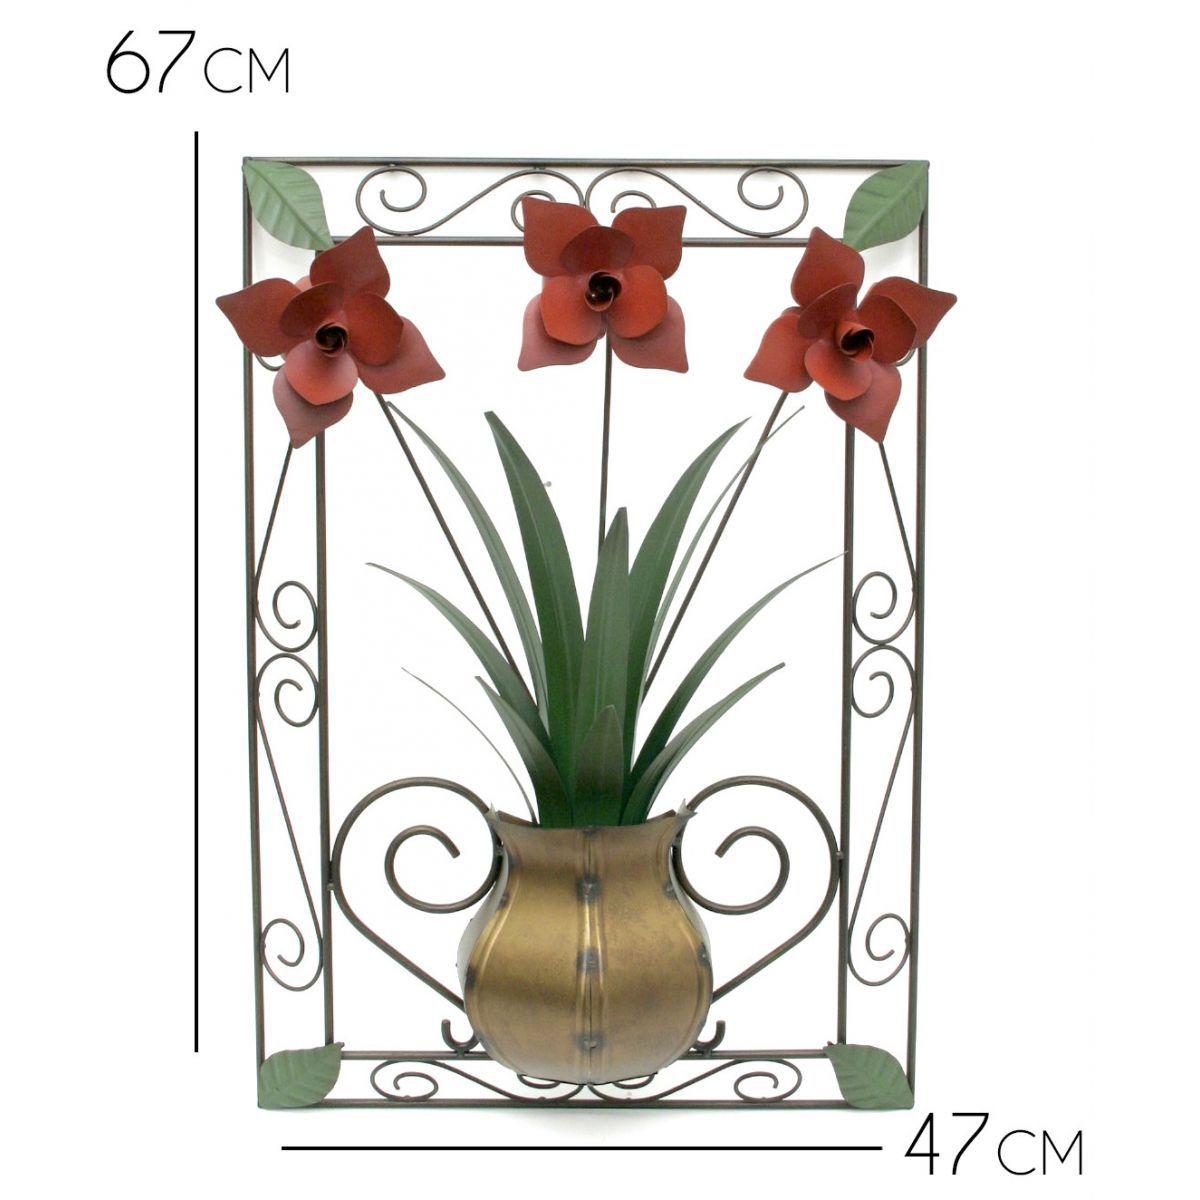 Quadro Decorativo Painel Rústico de Flores e Folhas em Ferro Clássico